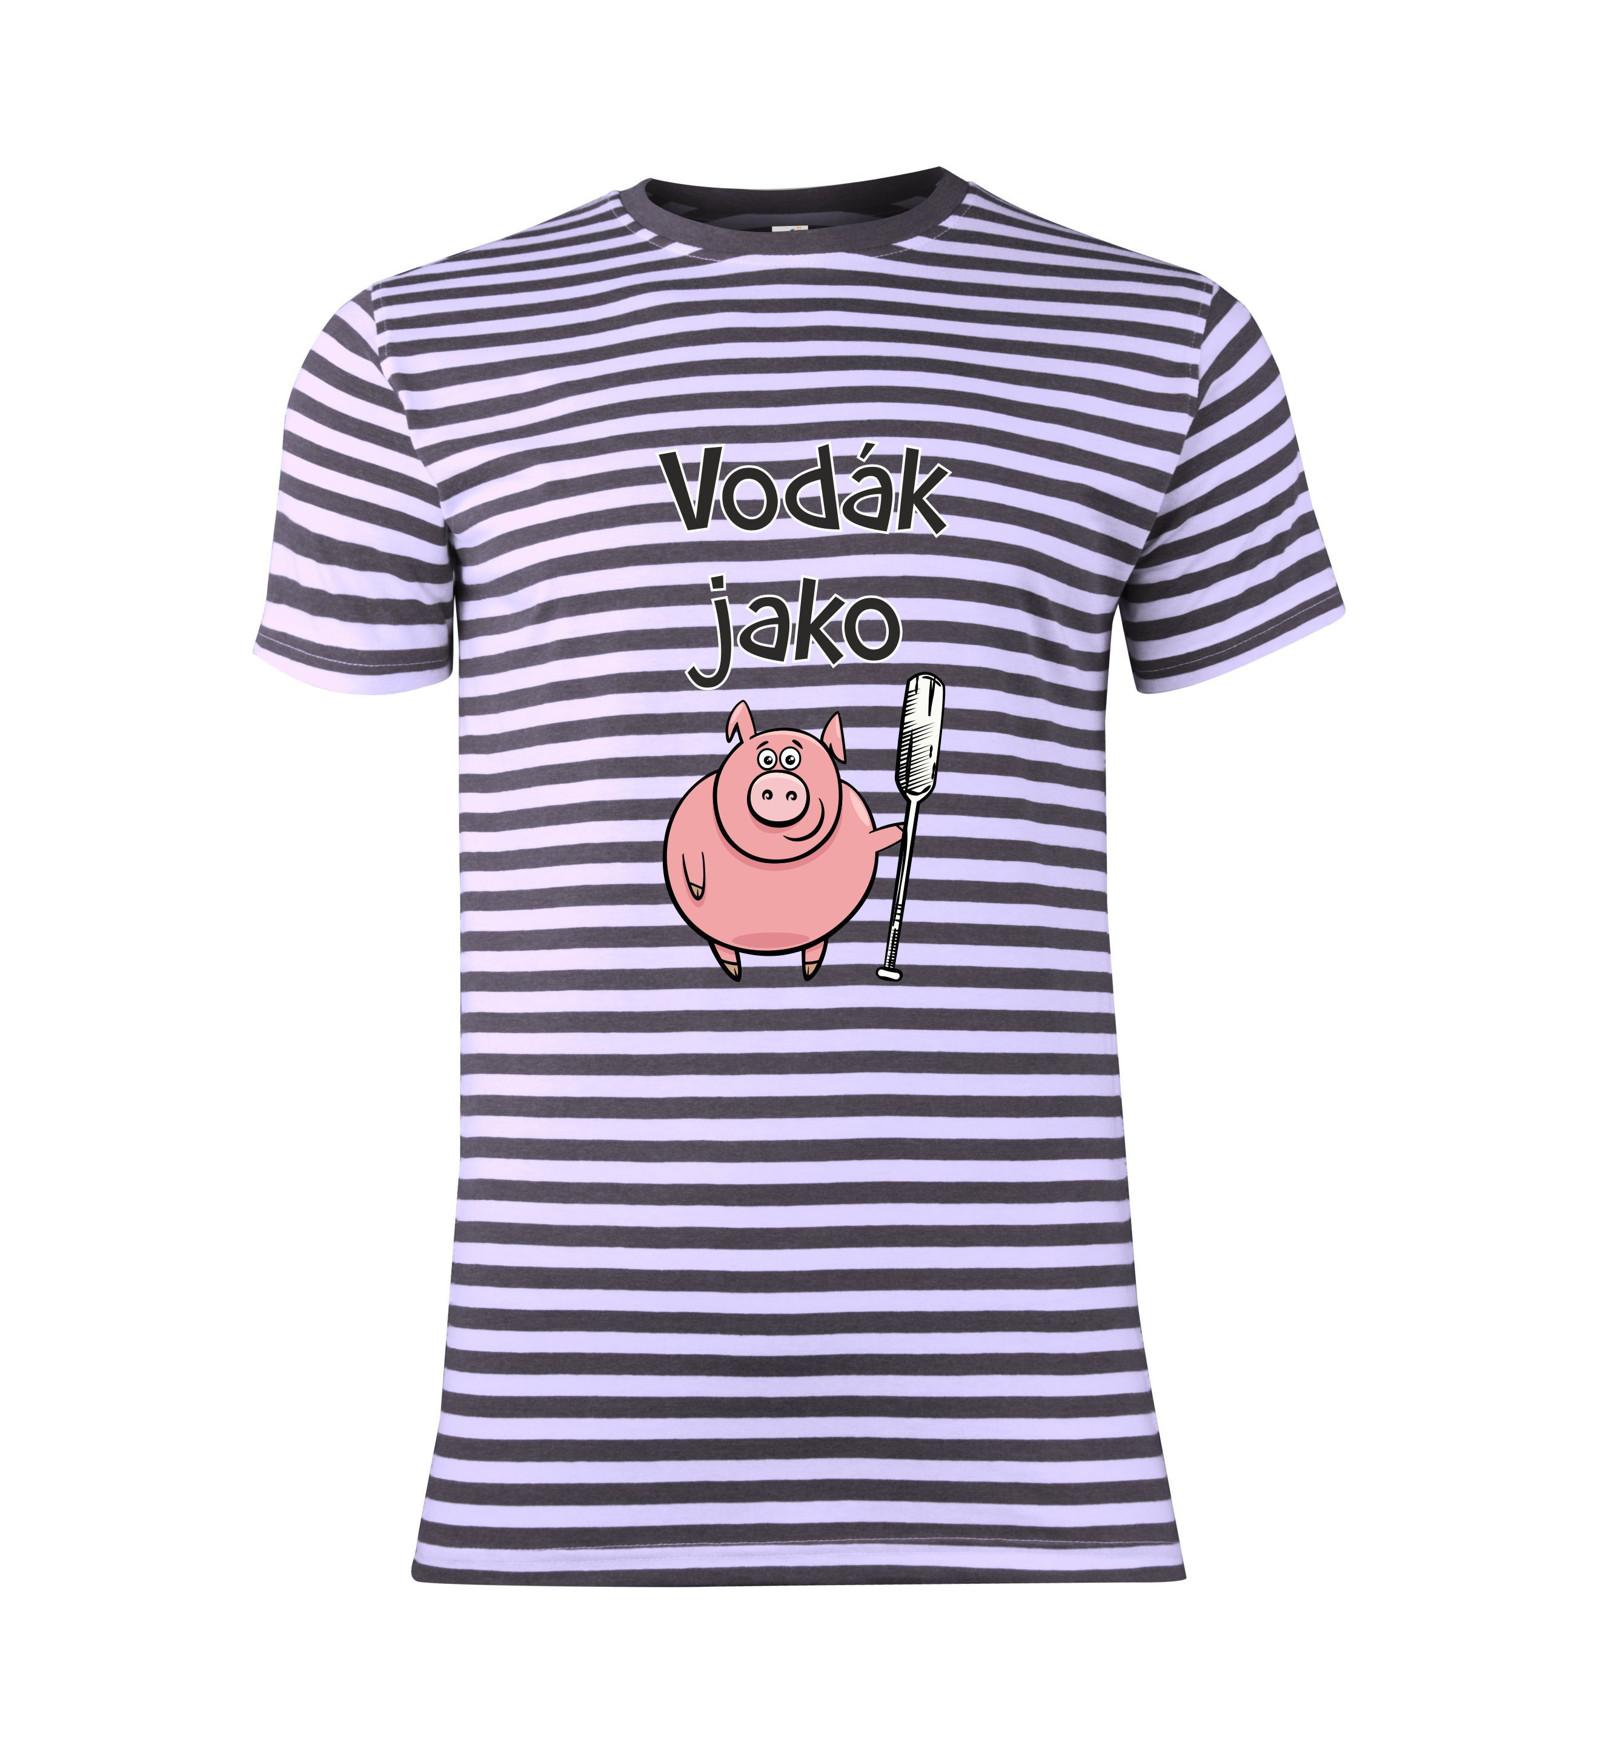 Triko Vodák jako prase   Zboží prodejce Tiskárna MH  3330770eee